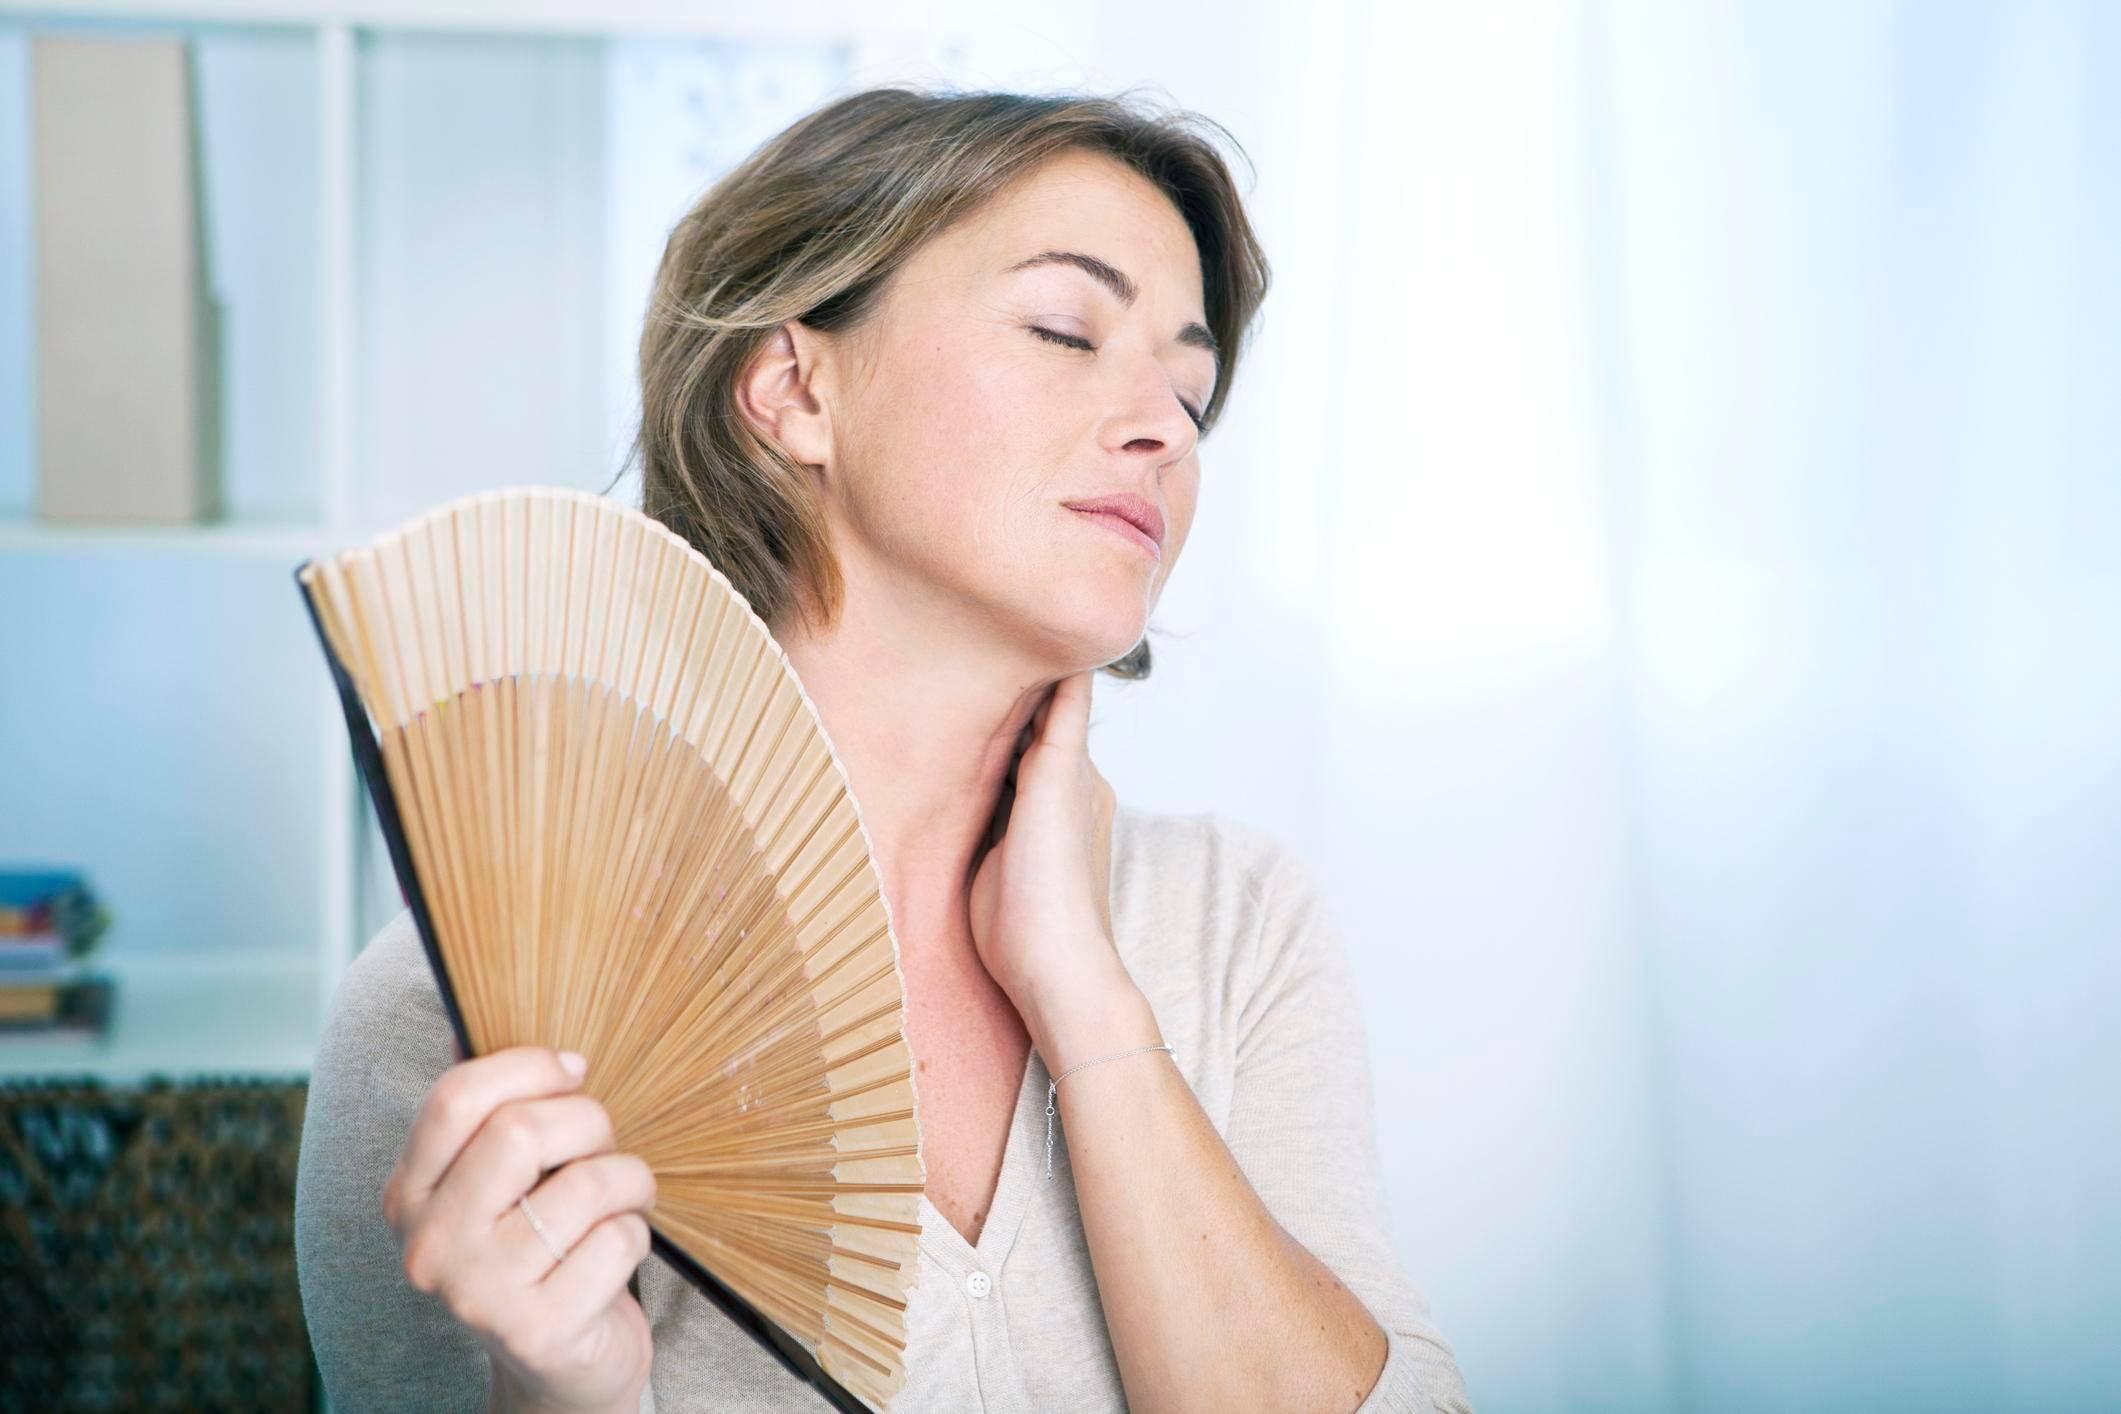 Какие народные средства помогают облегчить симптомы климакса, избавиться от приливов и потливости